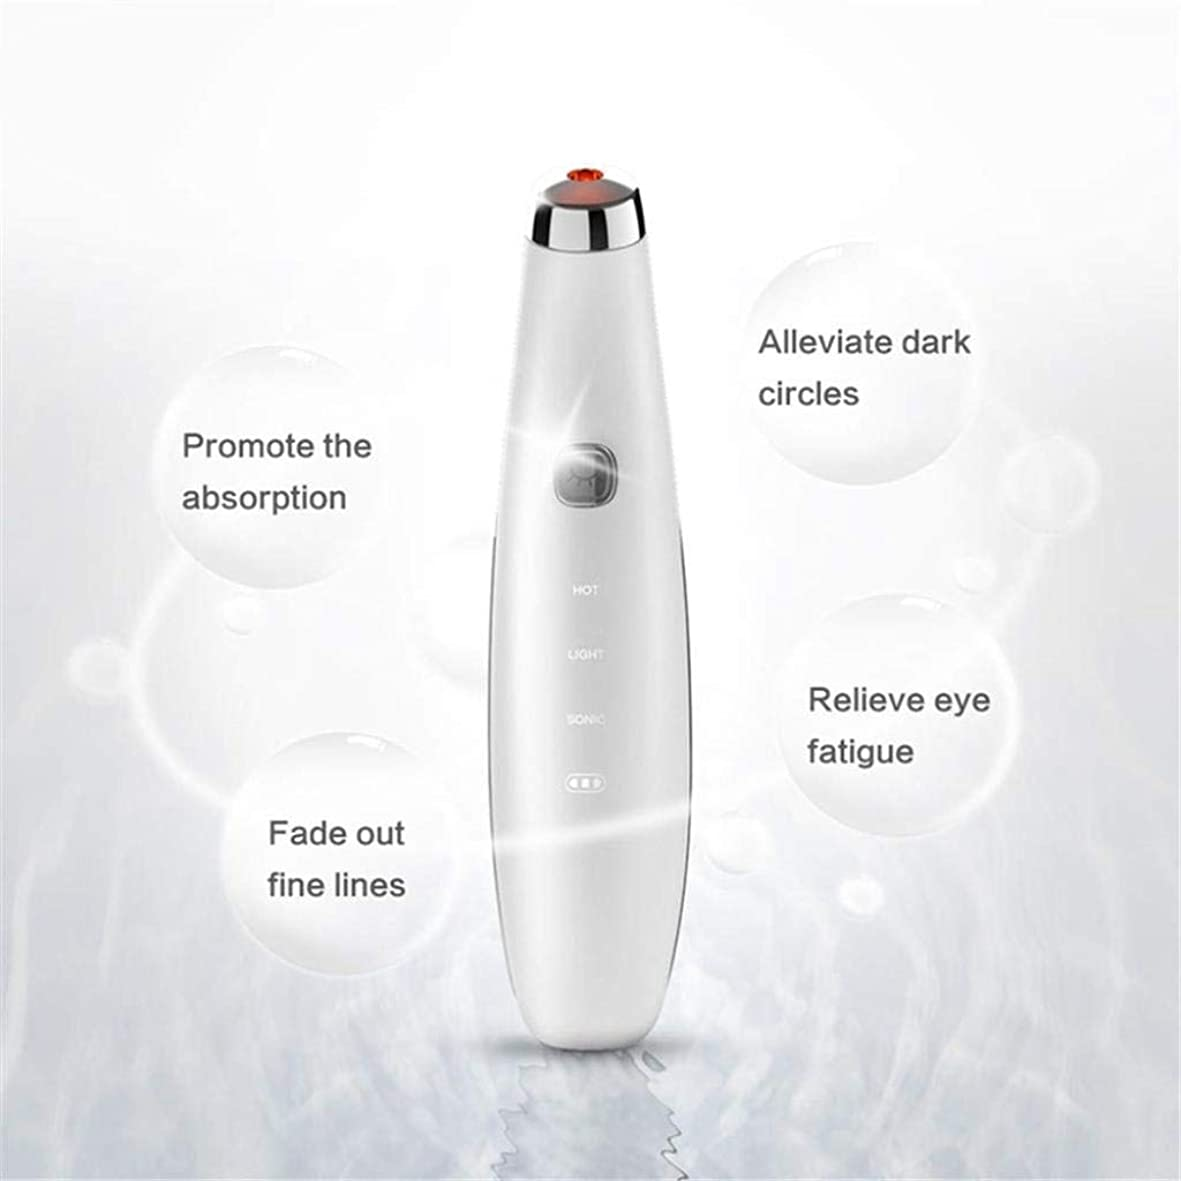 アイマッサージャー、磁気アンチエイジングフェイシャルマッサージ、42°恒温熱処理、肌を引き締め、ダークサークルを改善し、目の下の袋、鈍い肌